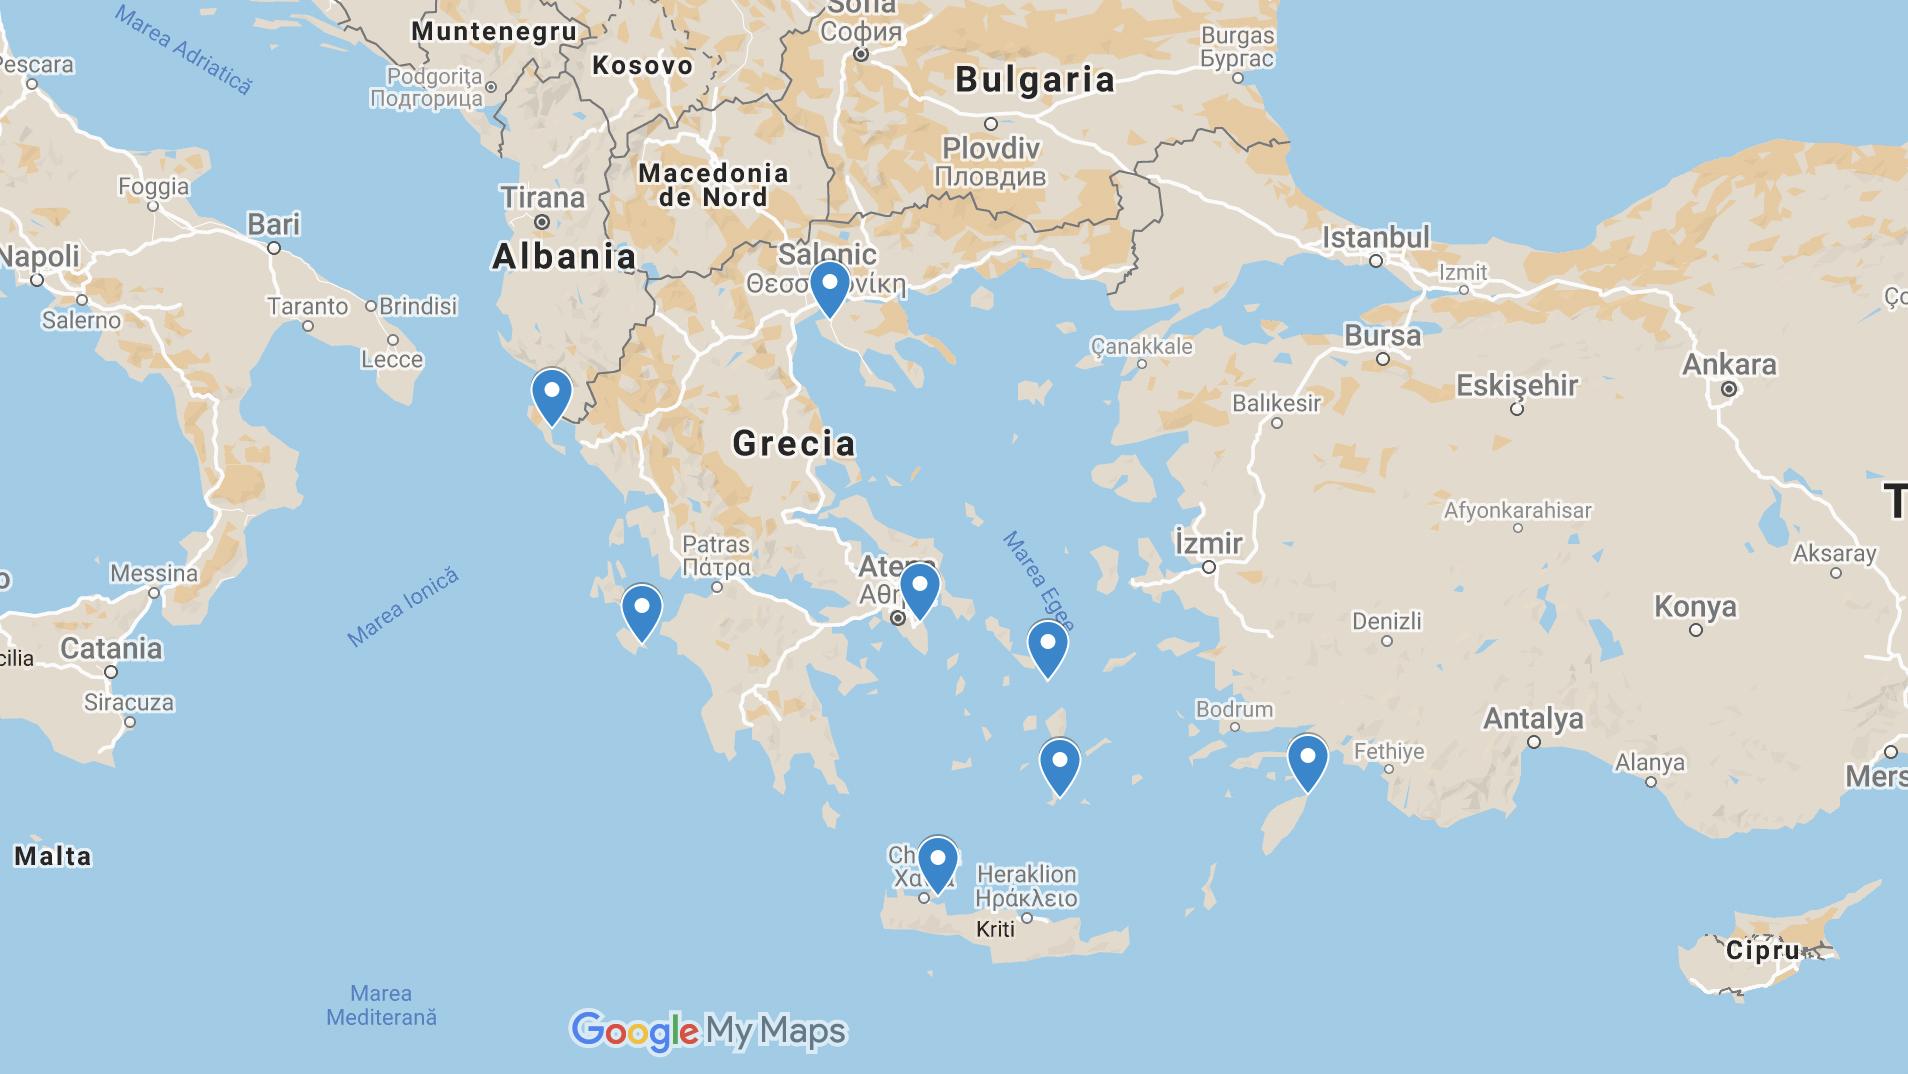 zboruri-directe-romania-grecia